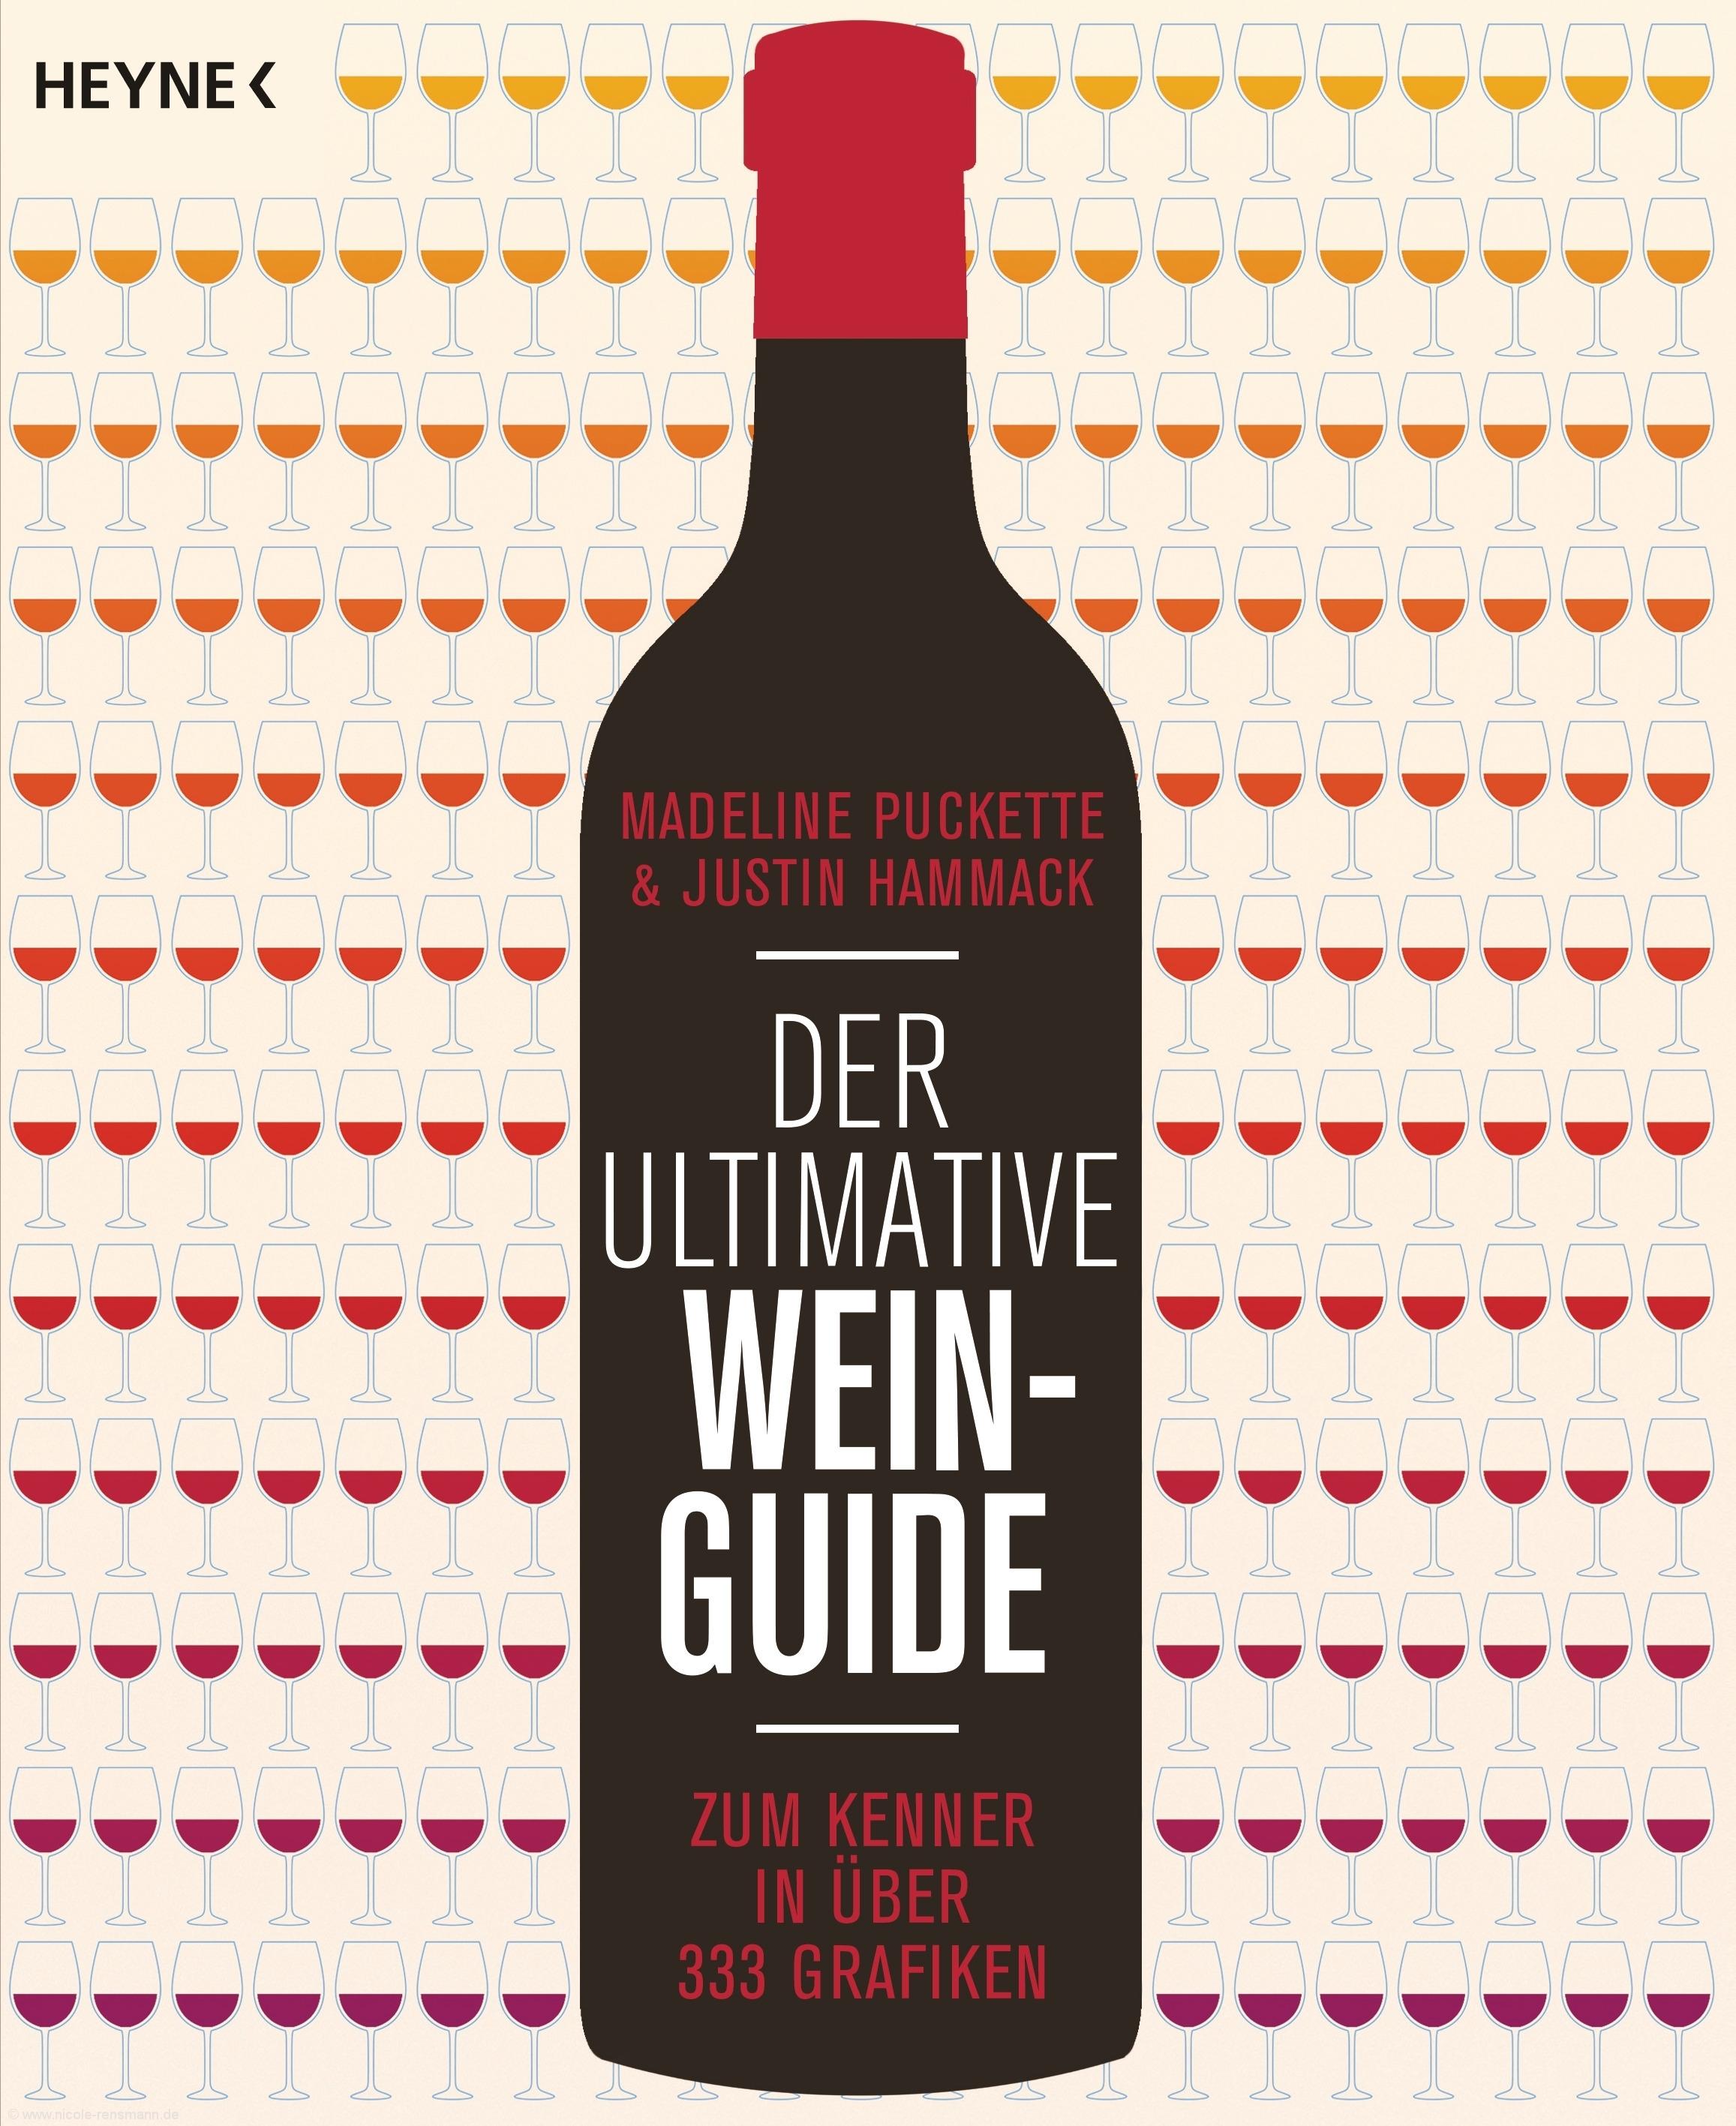 © »Der ultimative Wein-Guide« von Madeline Puckette & Justin Hammack / Heyne-Verlag